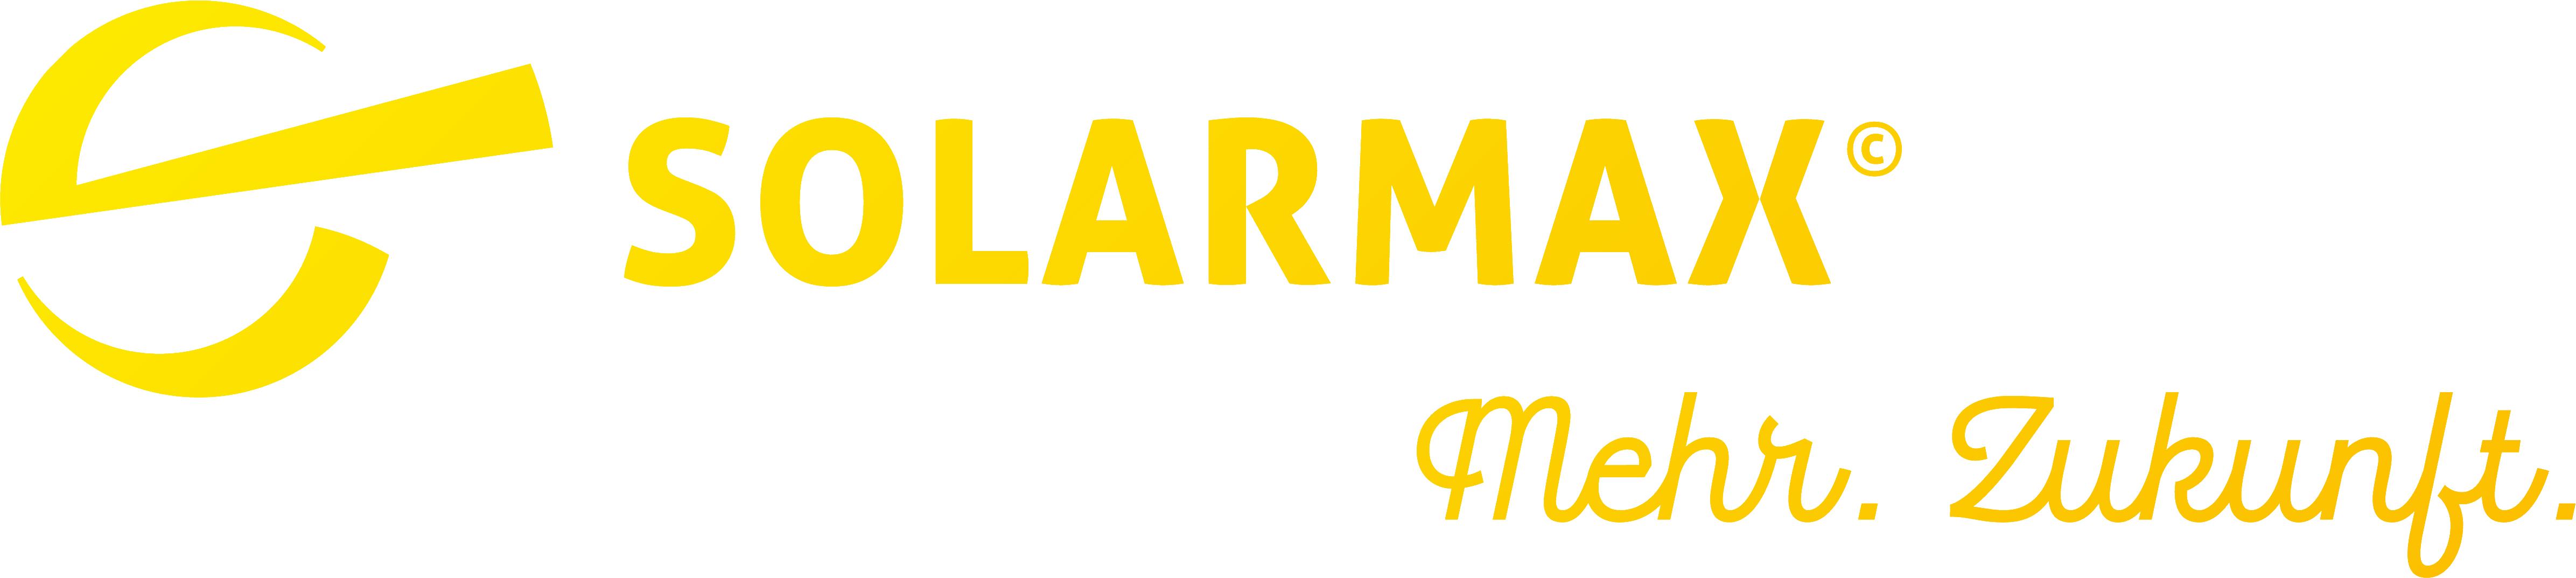 SOLARMAX_Mehr.Zukunft._Logo